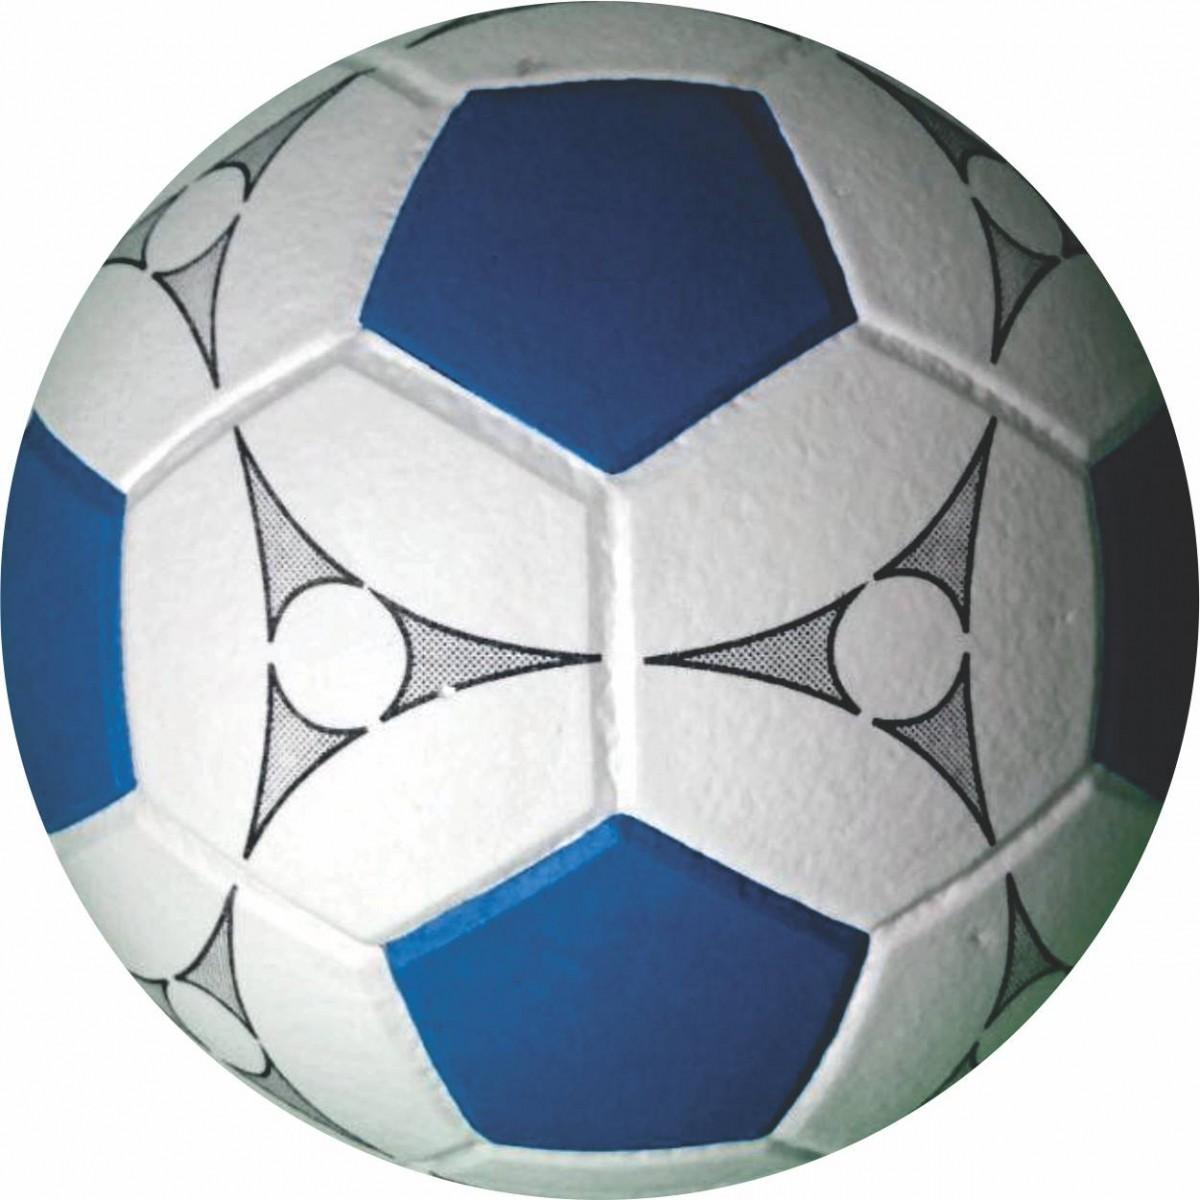 Bolas de futebol EVA - Kit com 10 unidades  - Super Tri Shop - Bolas - Utilidades - Presentes